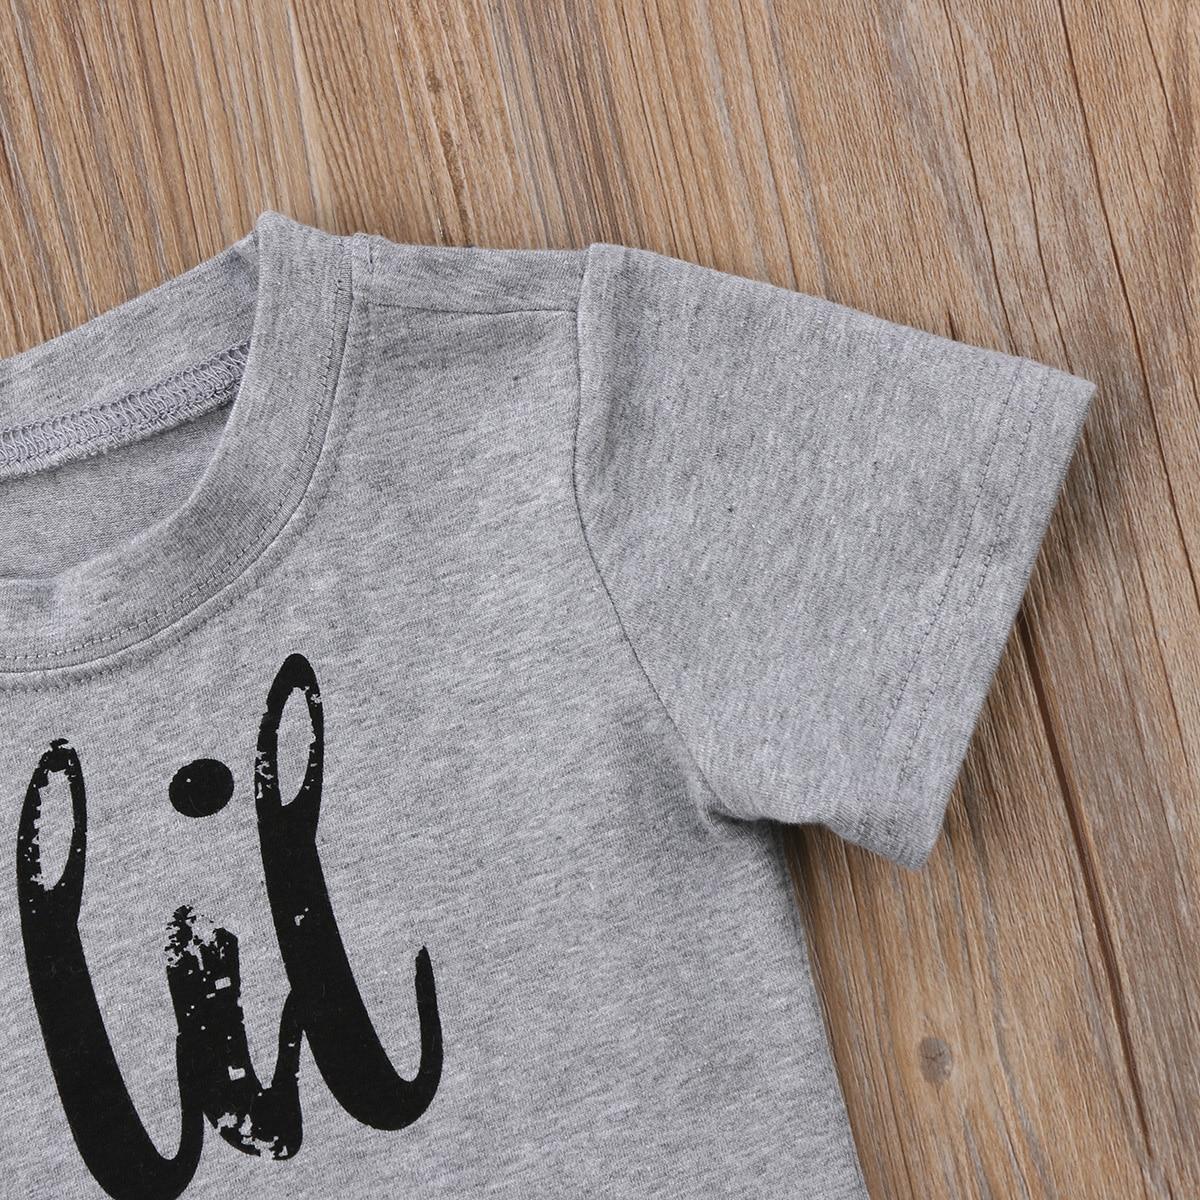 Heiße Neue Marke Kinder Kleinkind Baby Jungen Mädchen Brother Schwester Sommer Kurzarm Baumwolle Top Brief T-shirt Casual 0- 24 M